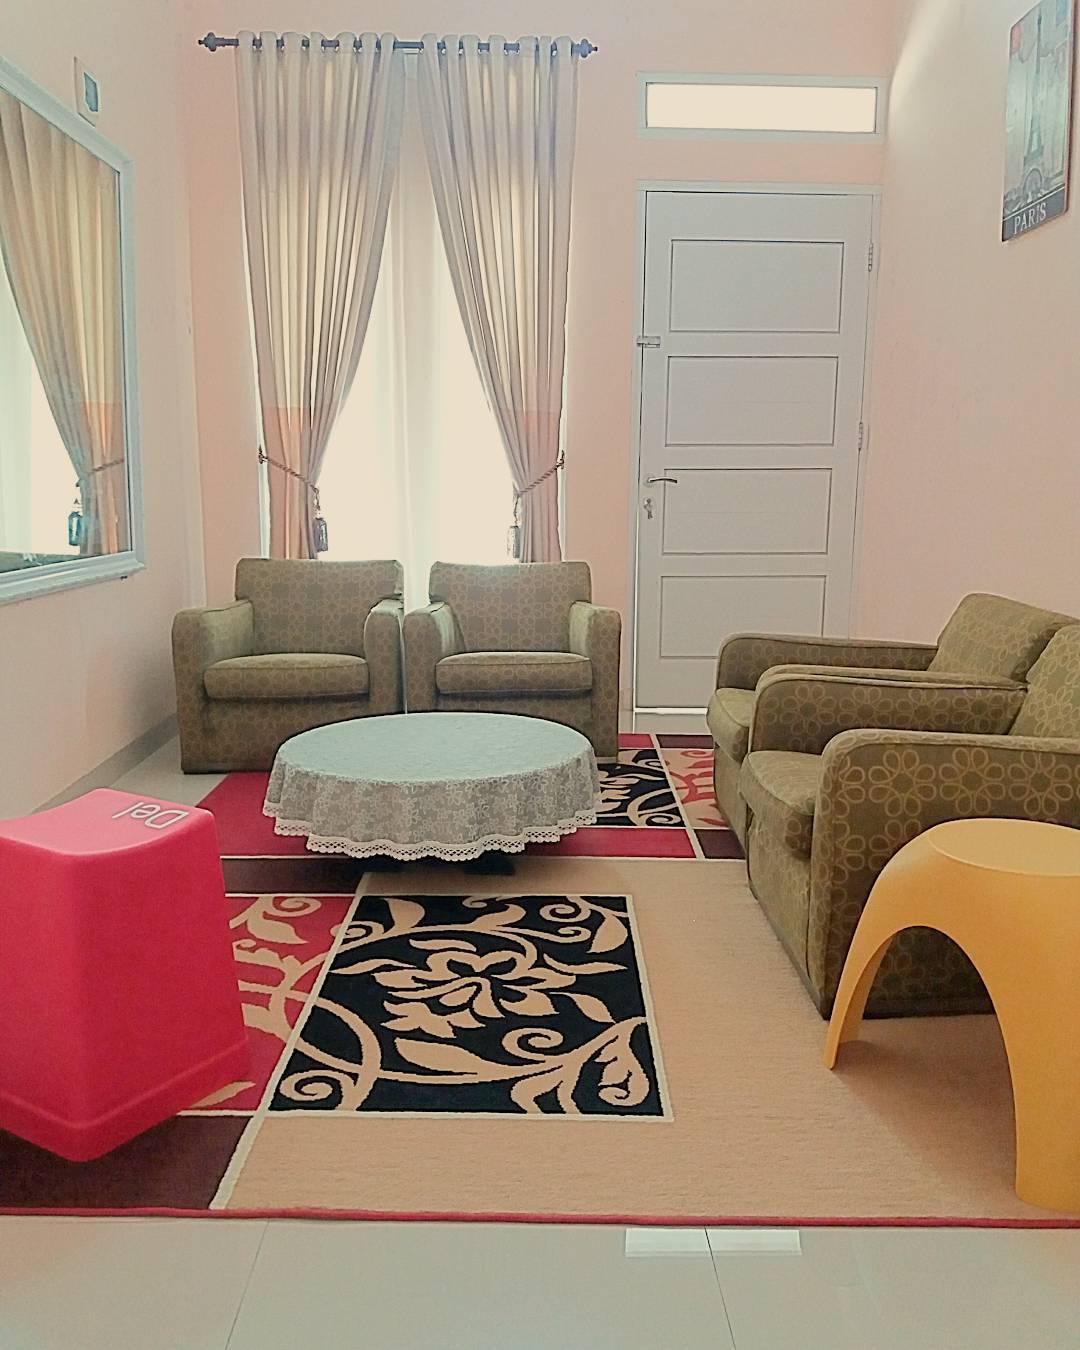 Gambar Desain Ruang Tamu Dengan Wallpaper  Contoh Z